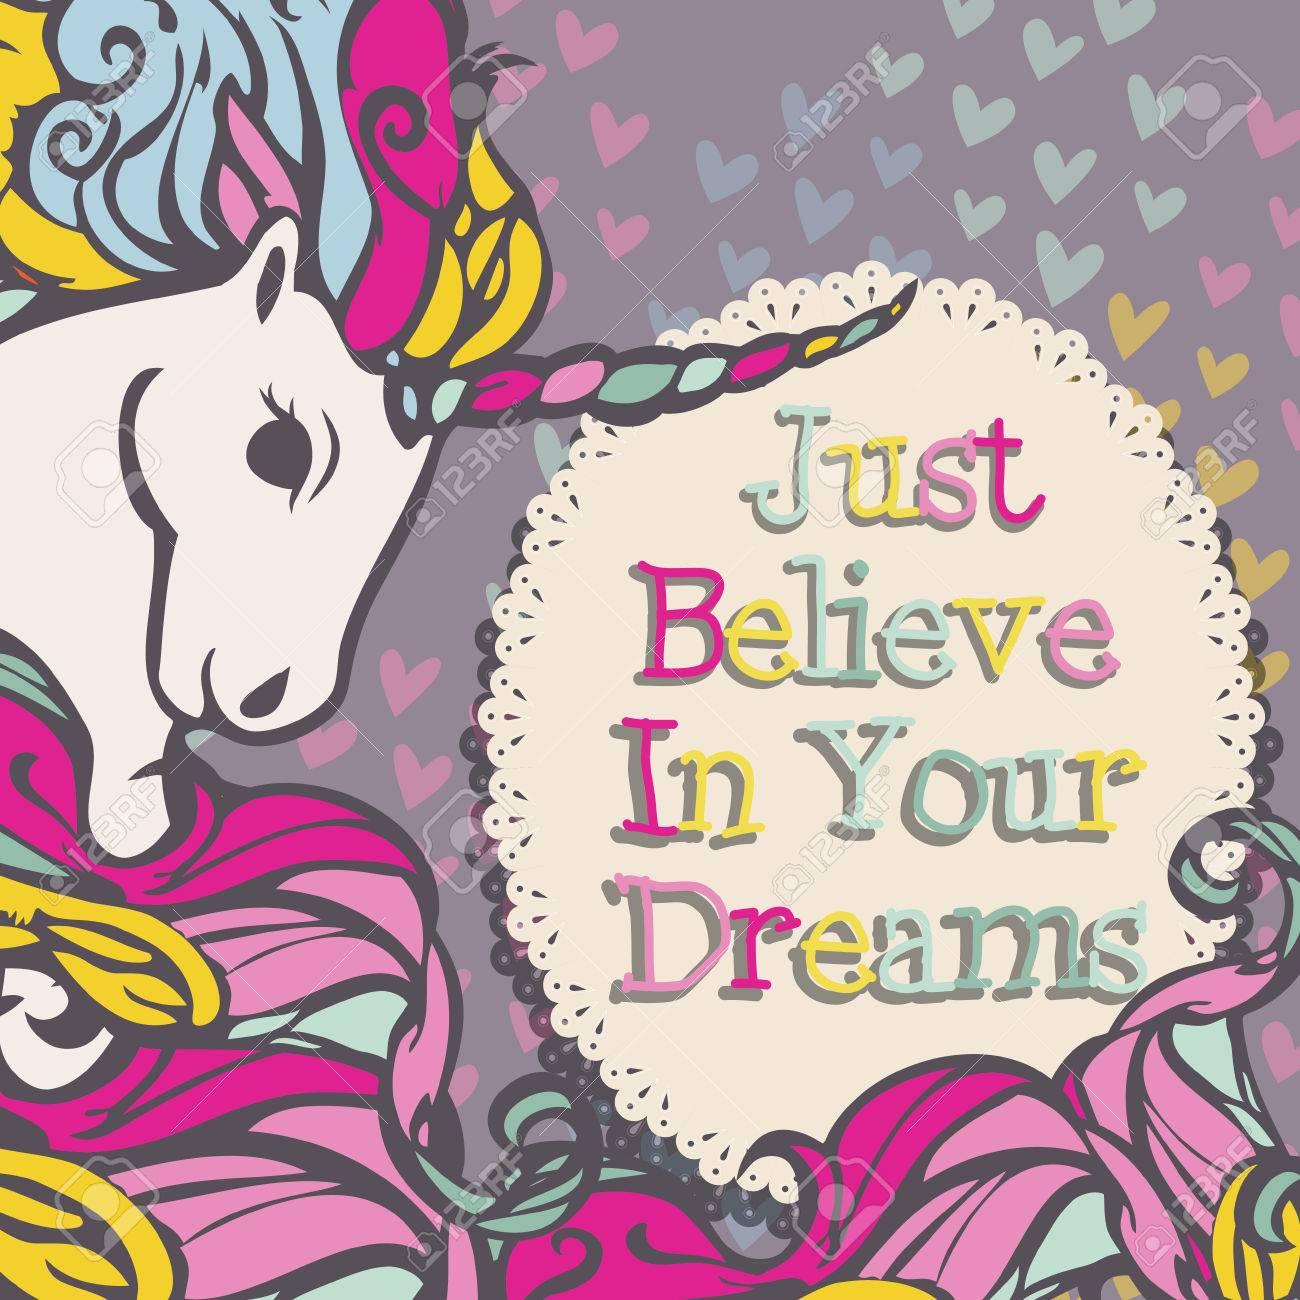 ユニコーンを信じる夢ベクトルのイラスト素材ベクタ Image 50984433